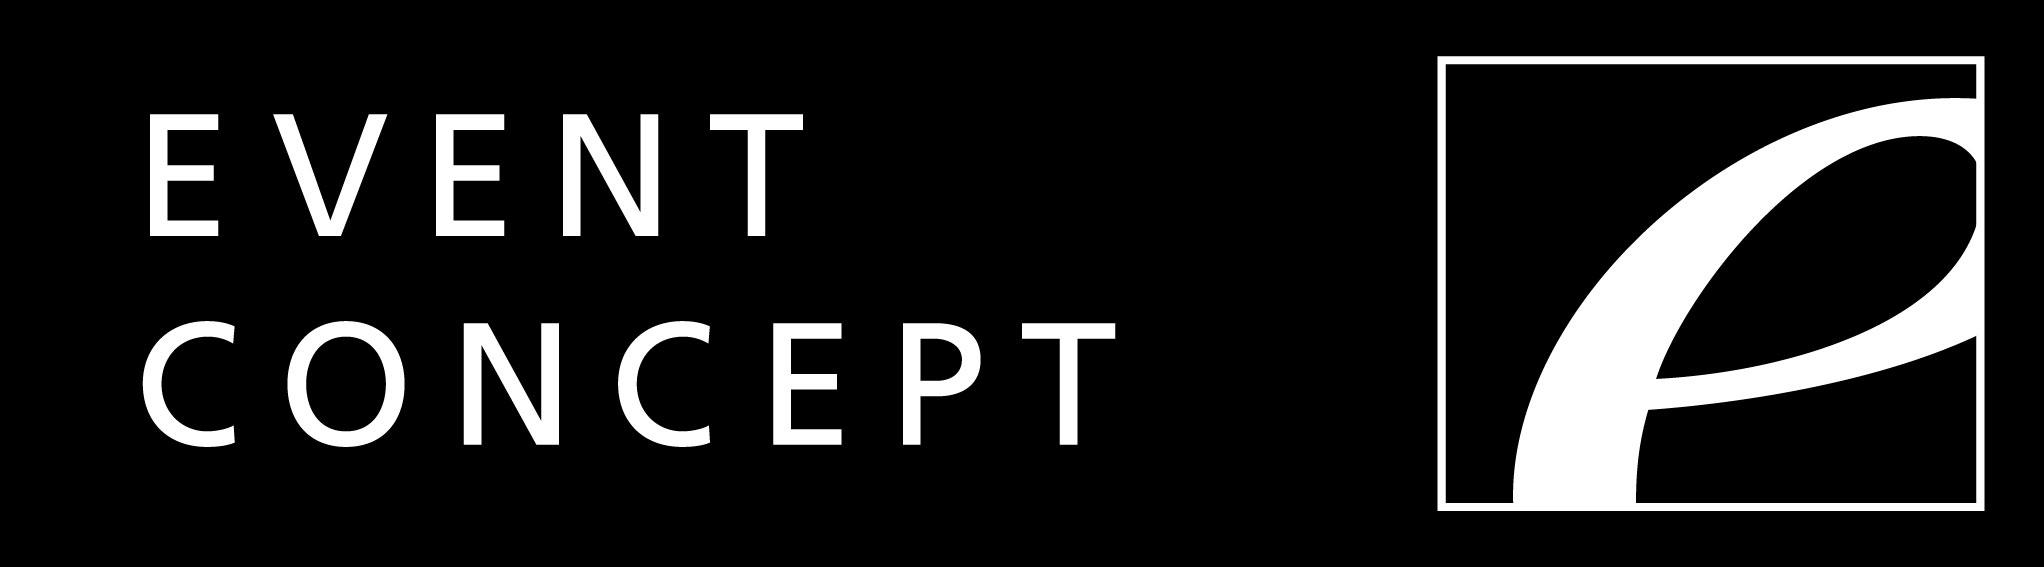 Event-Concept-logo.jpg